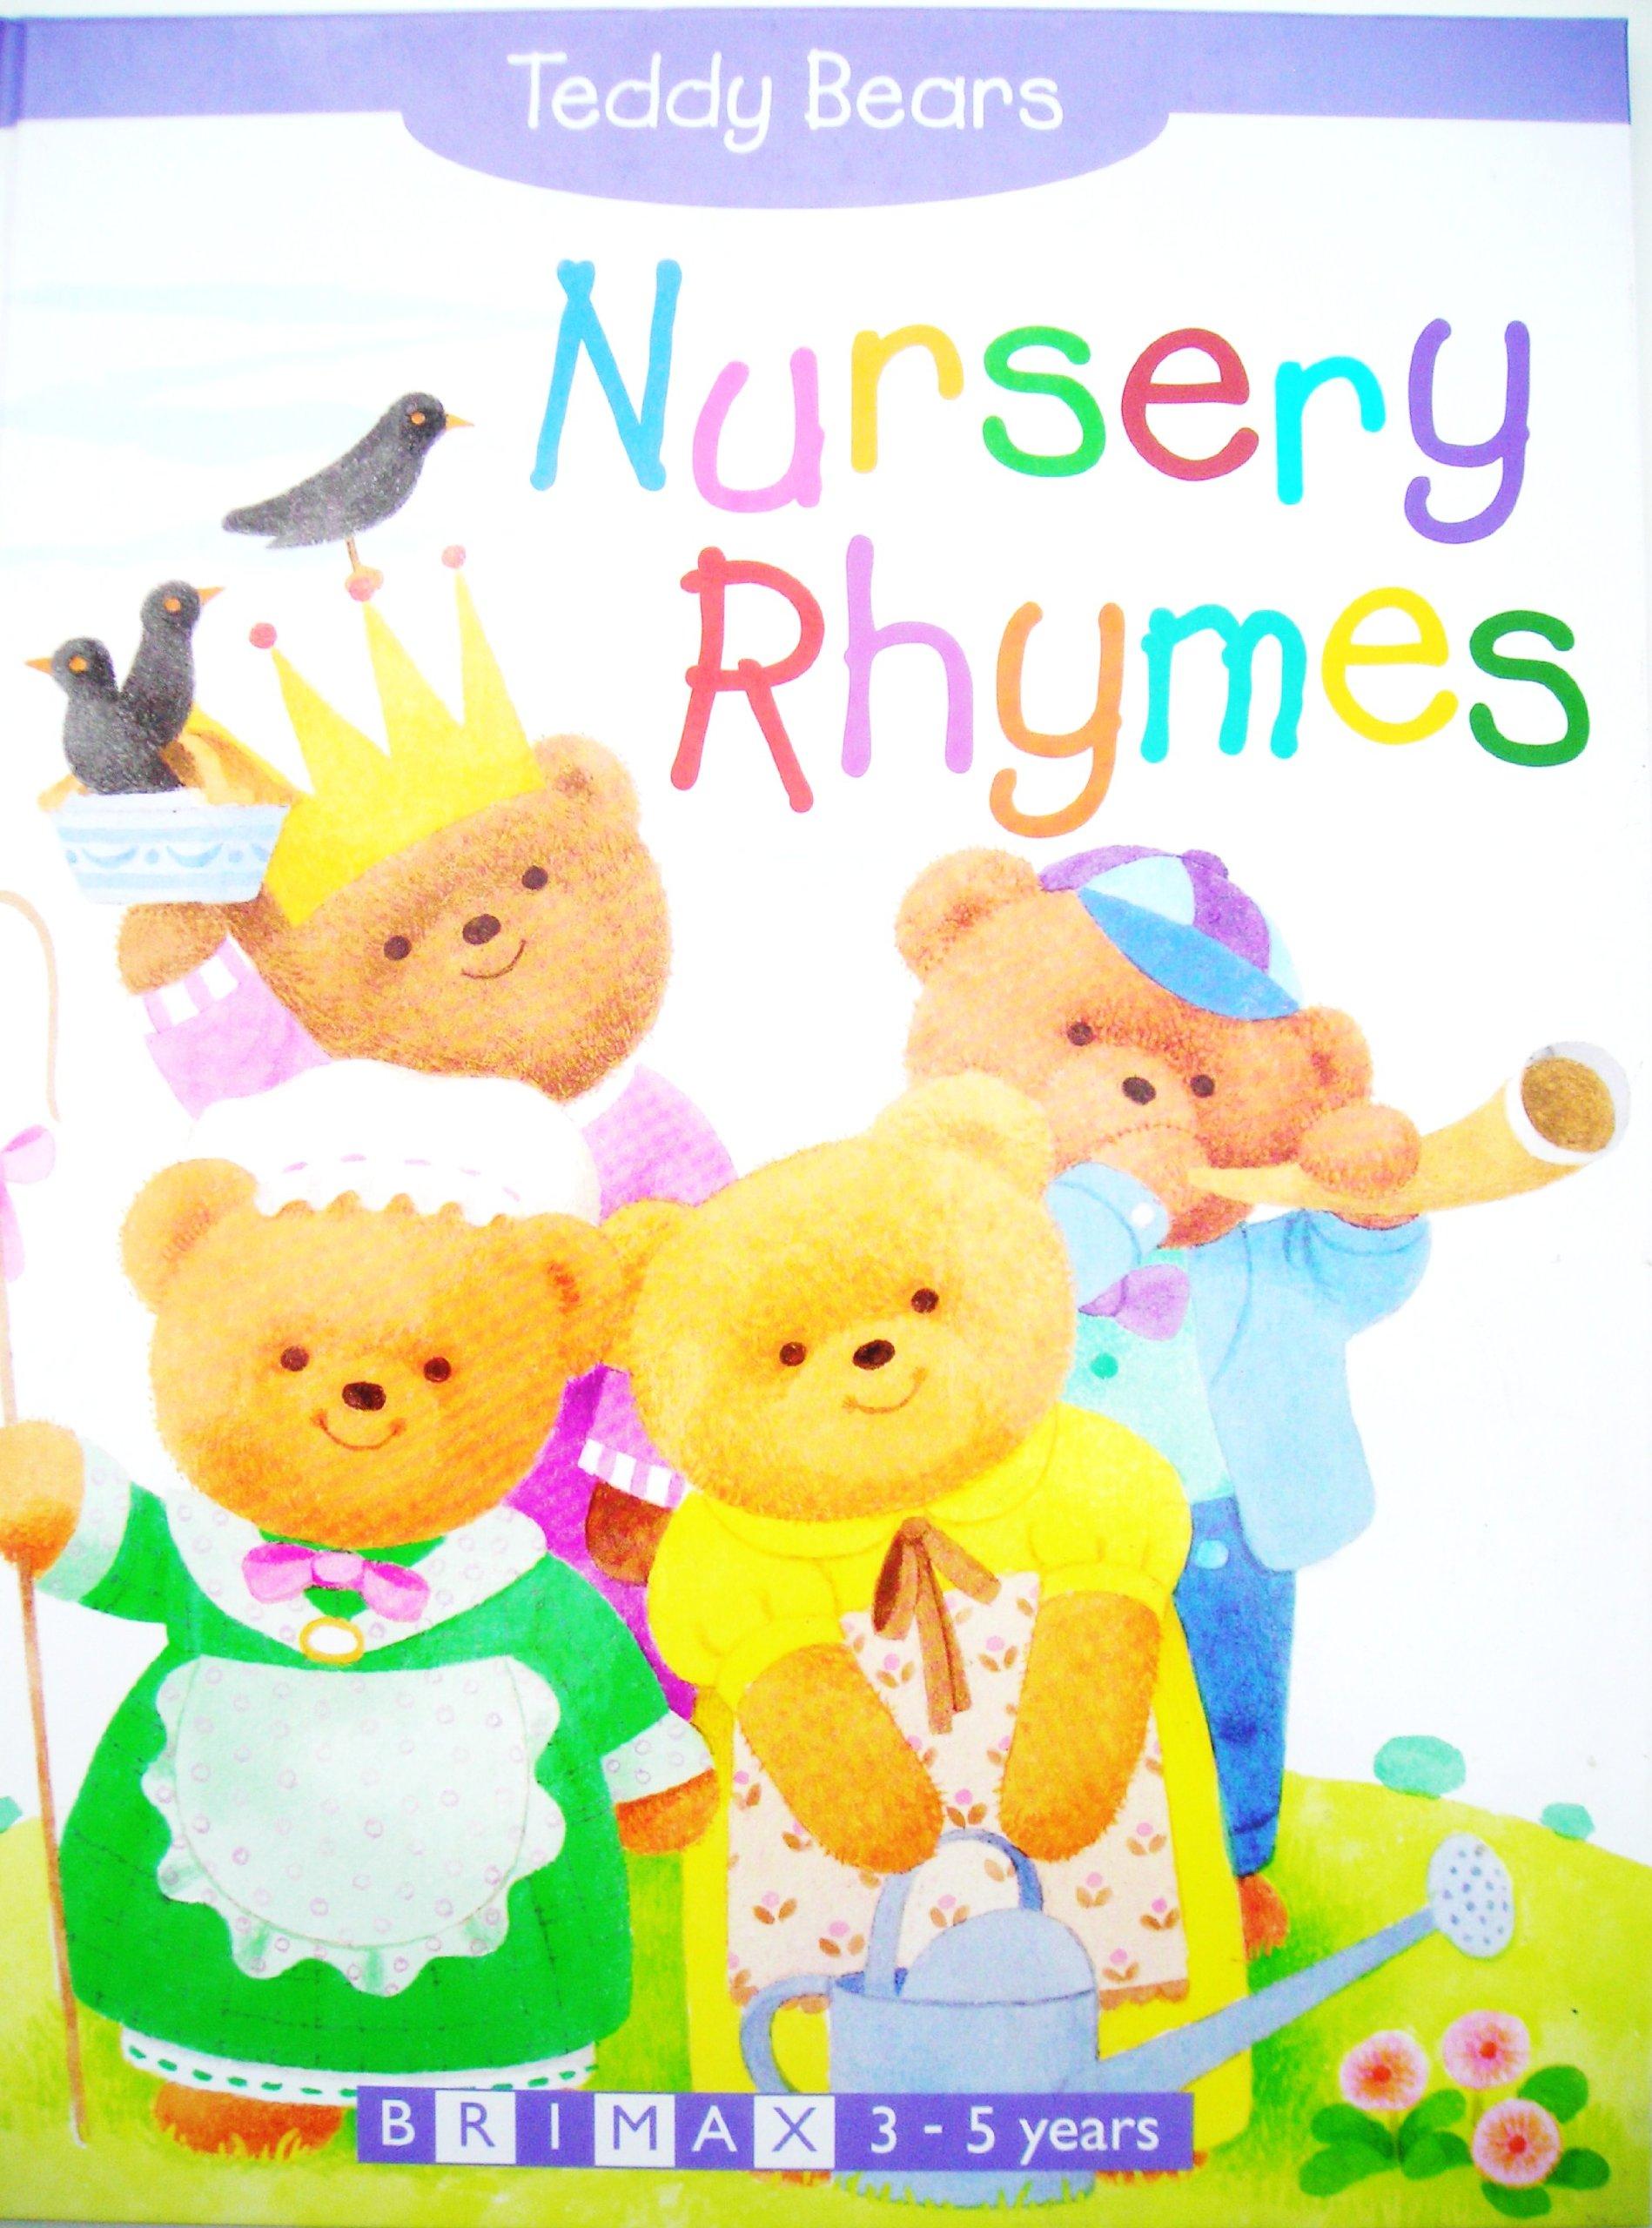 Teddy Bears: Nursery Rhymes